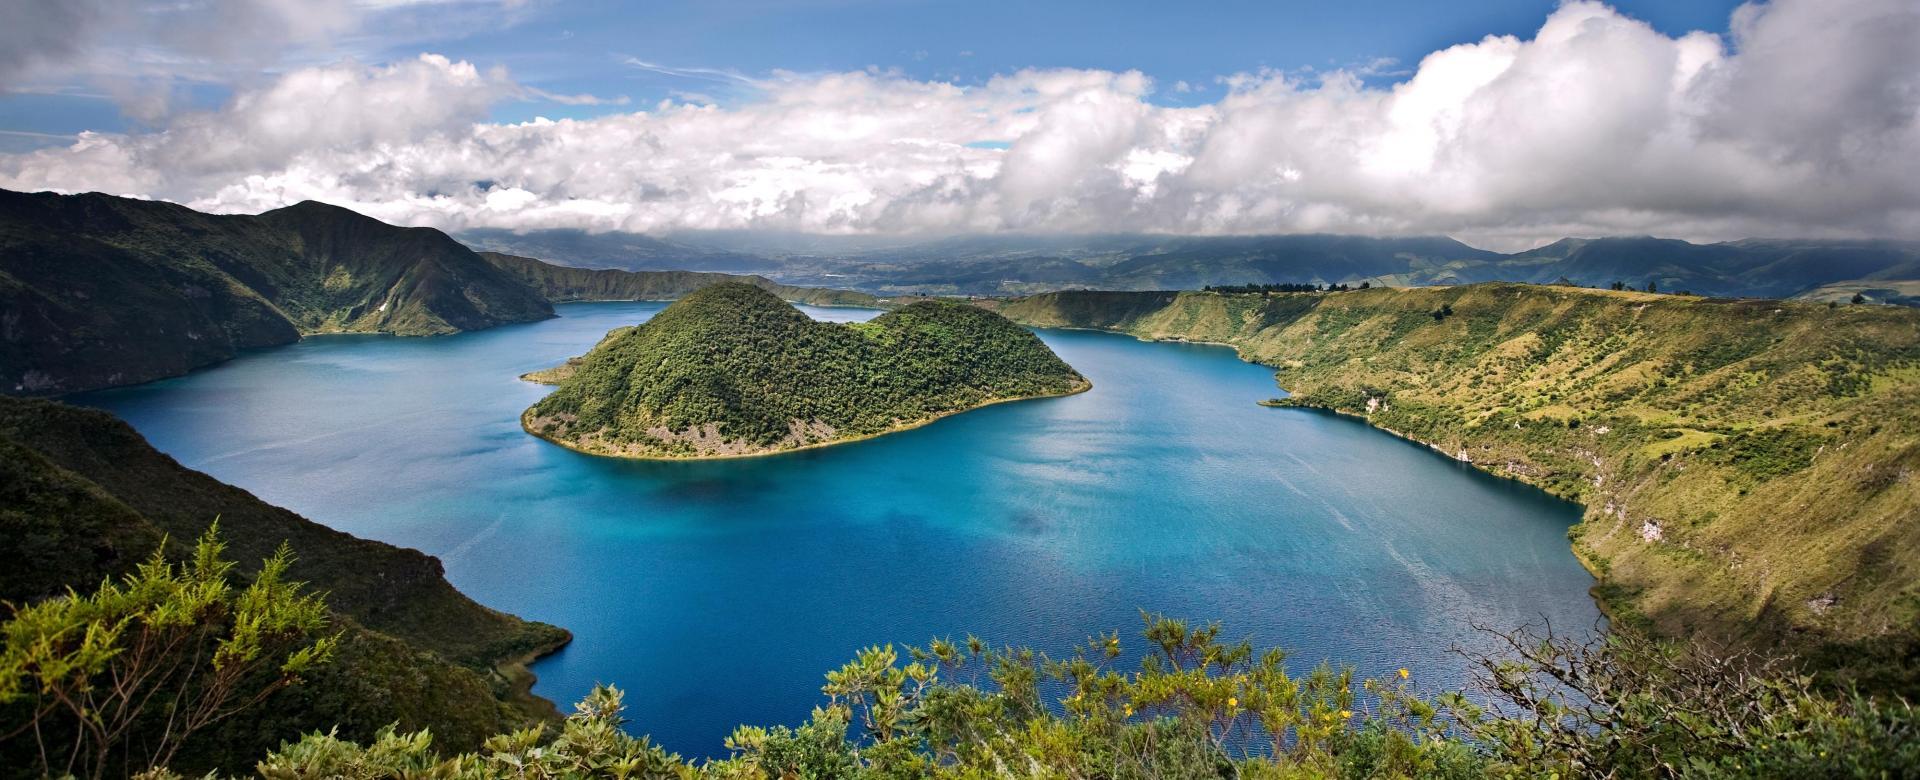 Voyage à pied Équateur : Randonnée au pied des géants